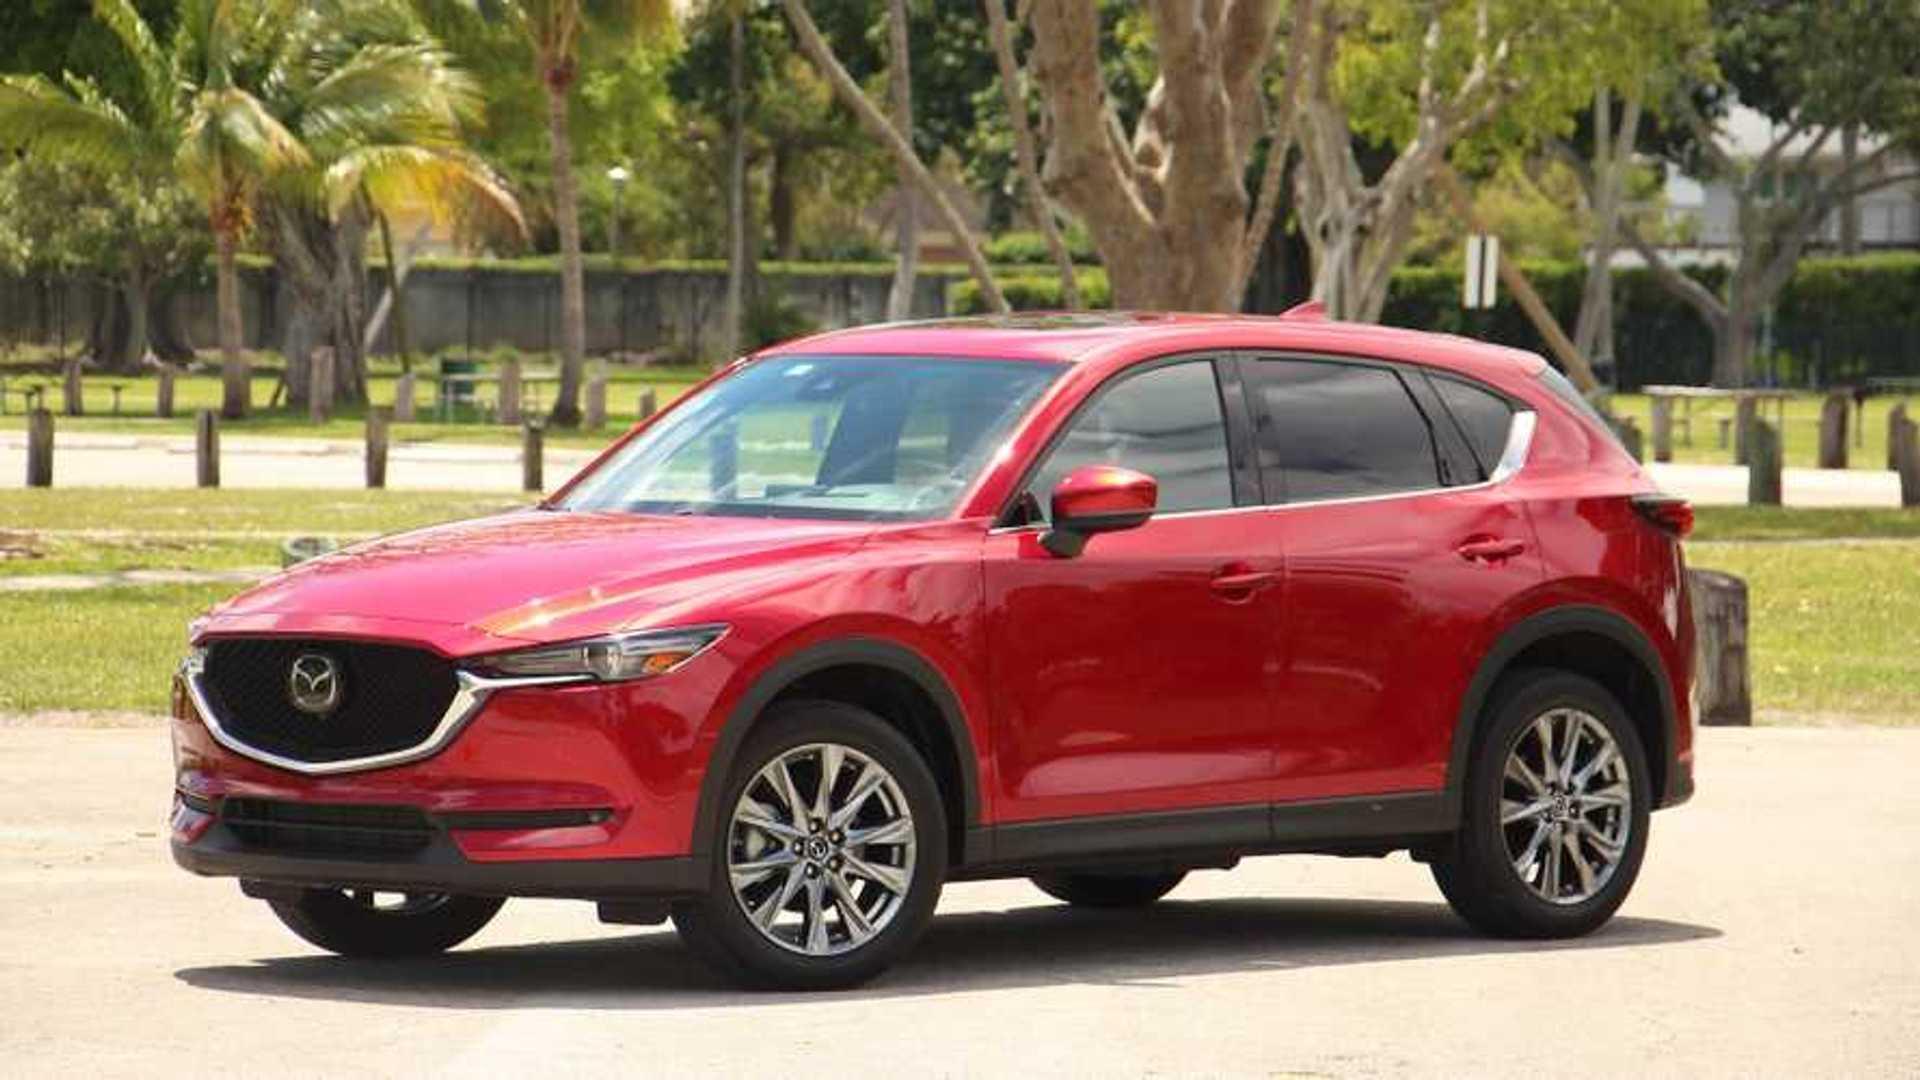 2019 Mazda CX-5: News, Upgrades, Price >> 2019 Mazda Cx 5 Signature Driving Notes Under Pressure